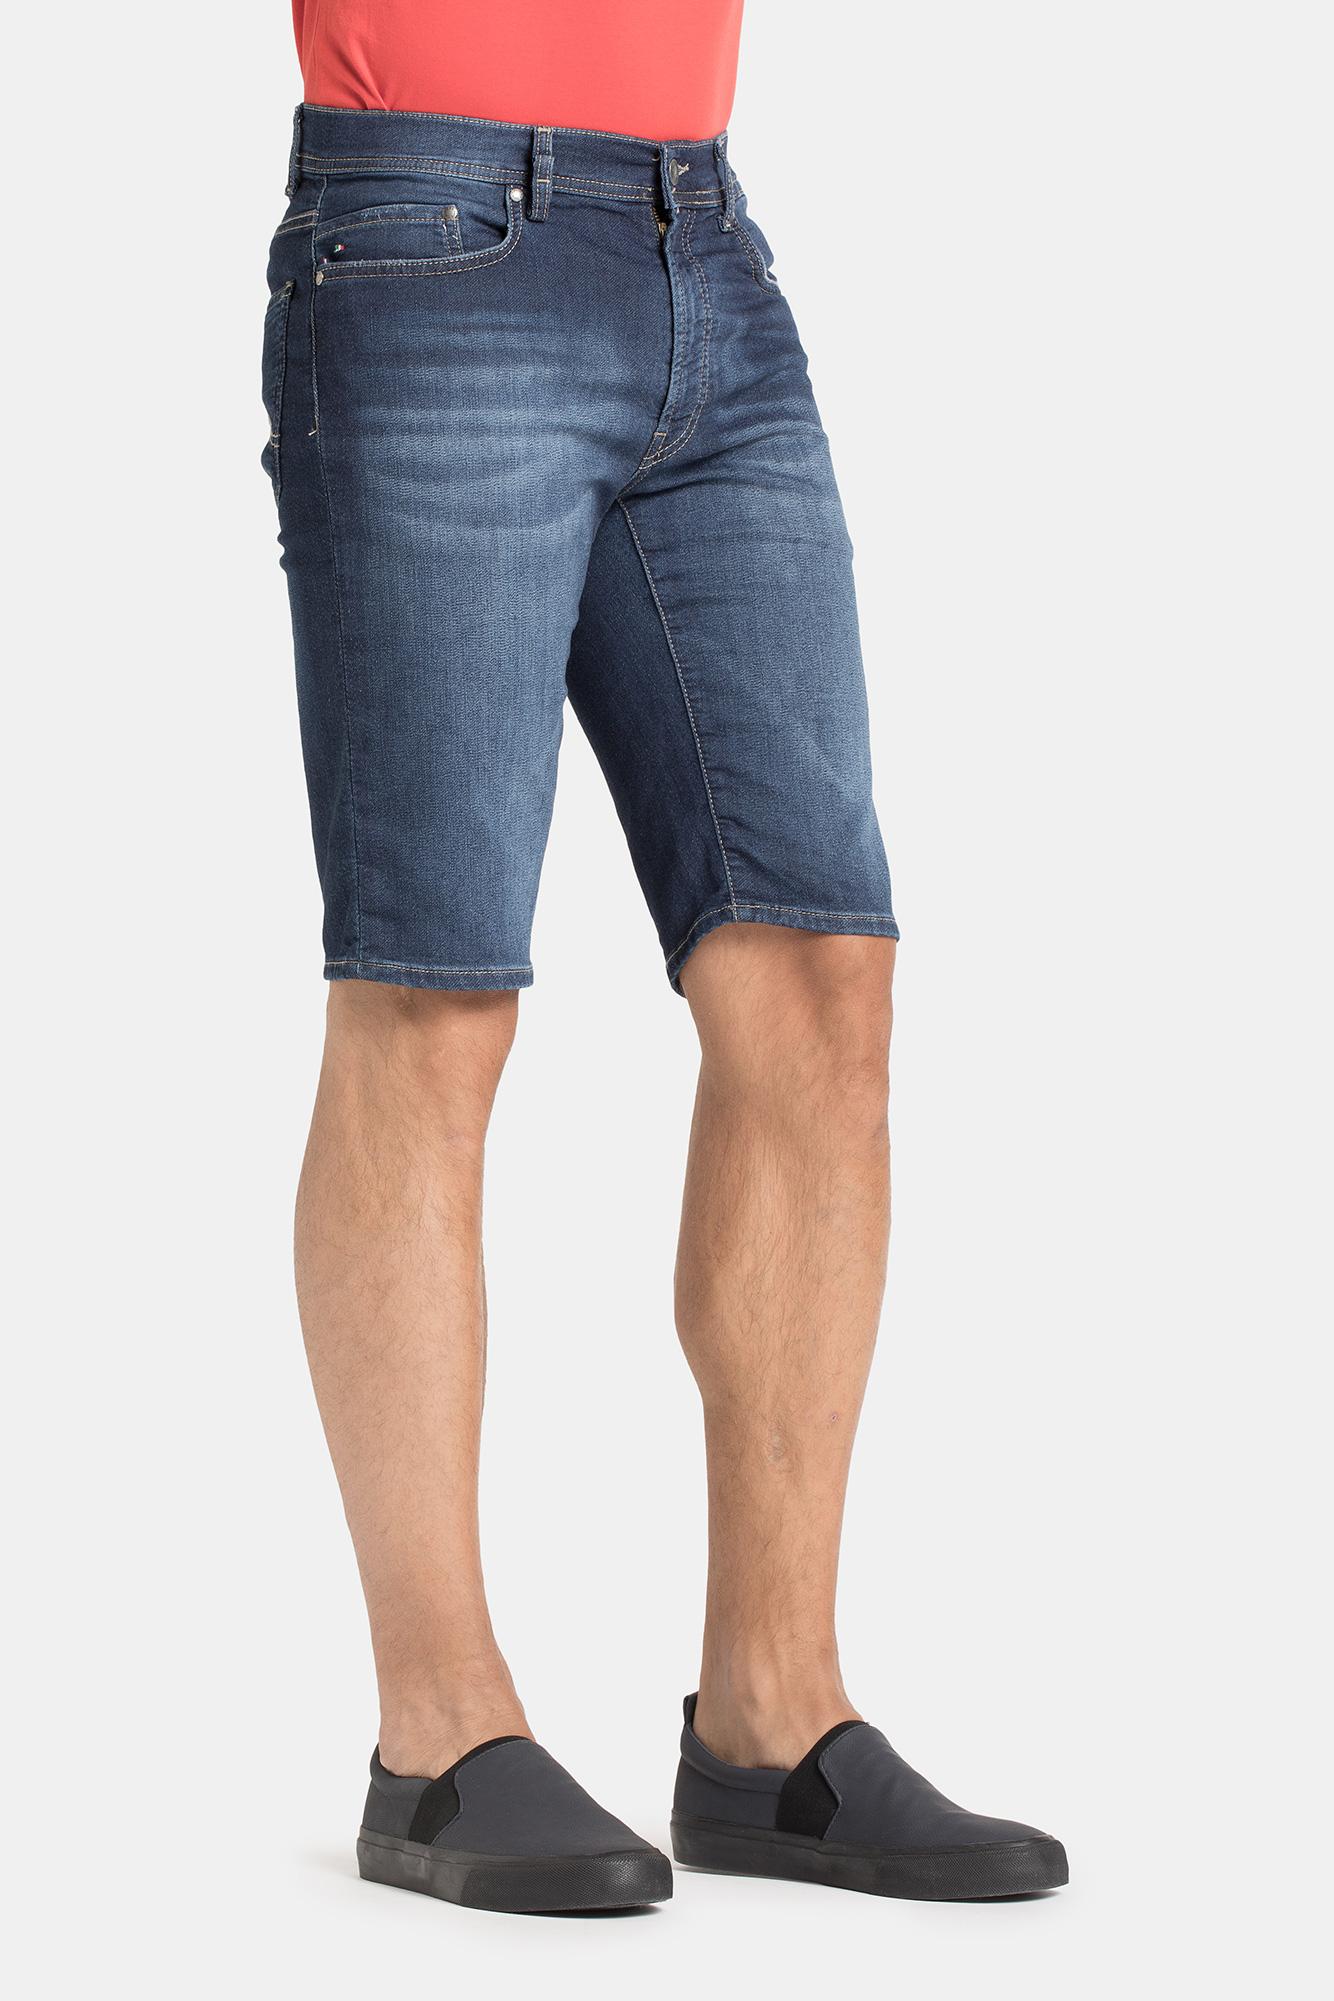 Korte Jeans Broek Heren.Jogg Jeans Korte Broek Heren Donker Spijker 112 Jogg Jeans Nl